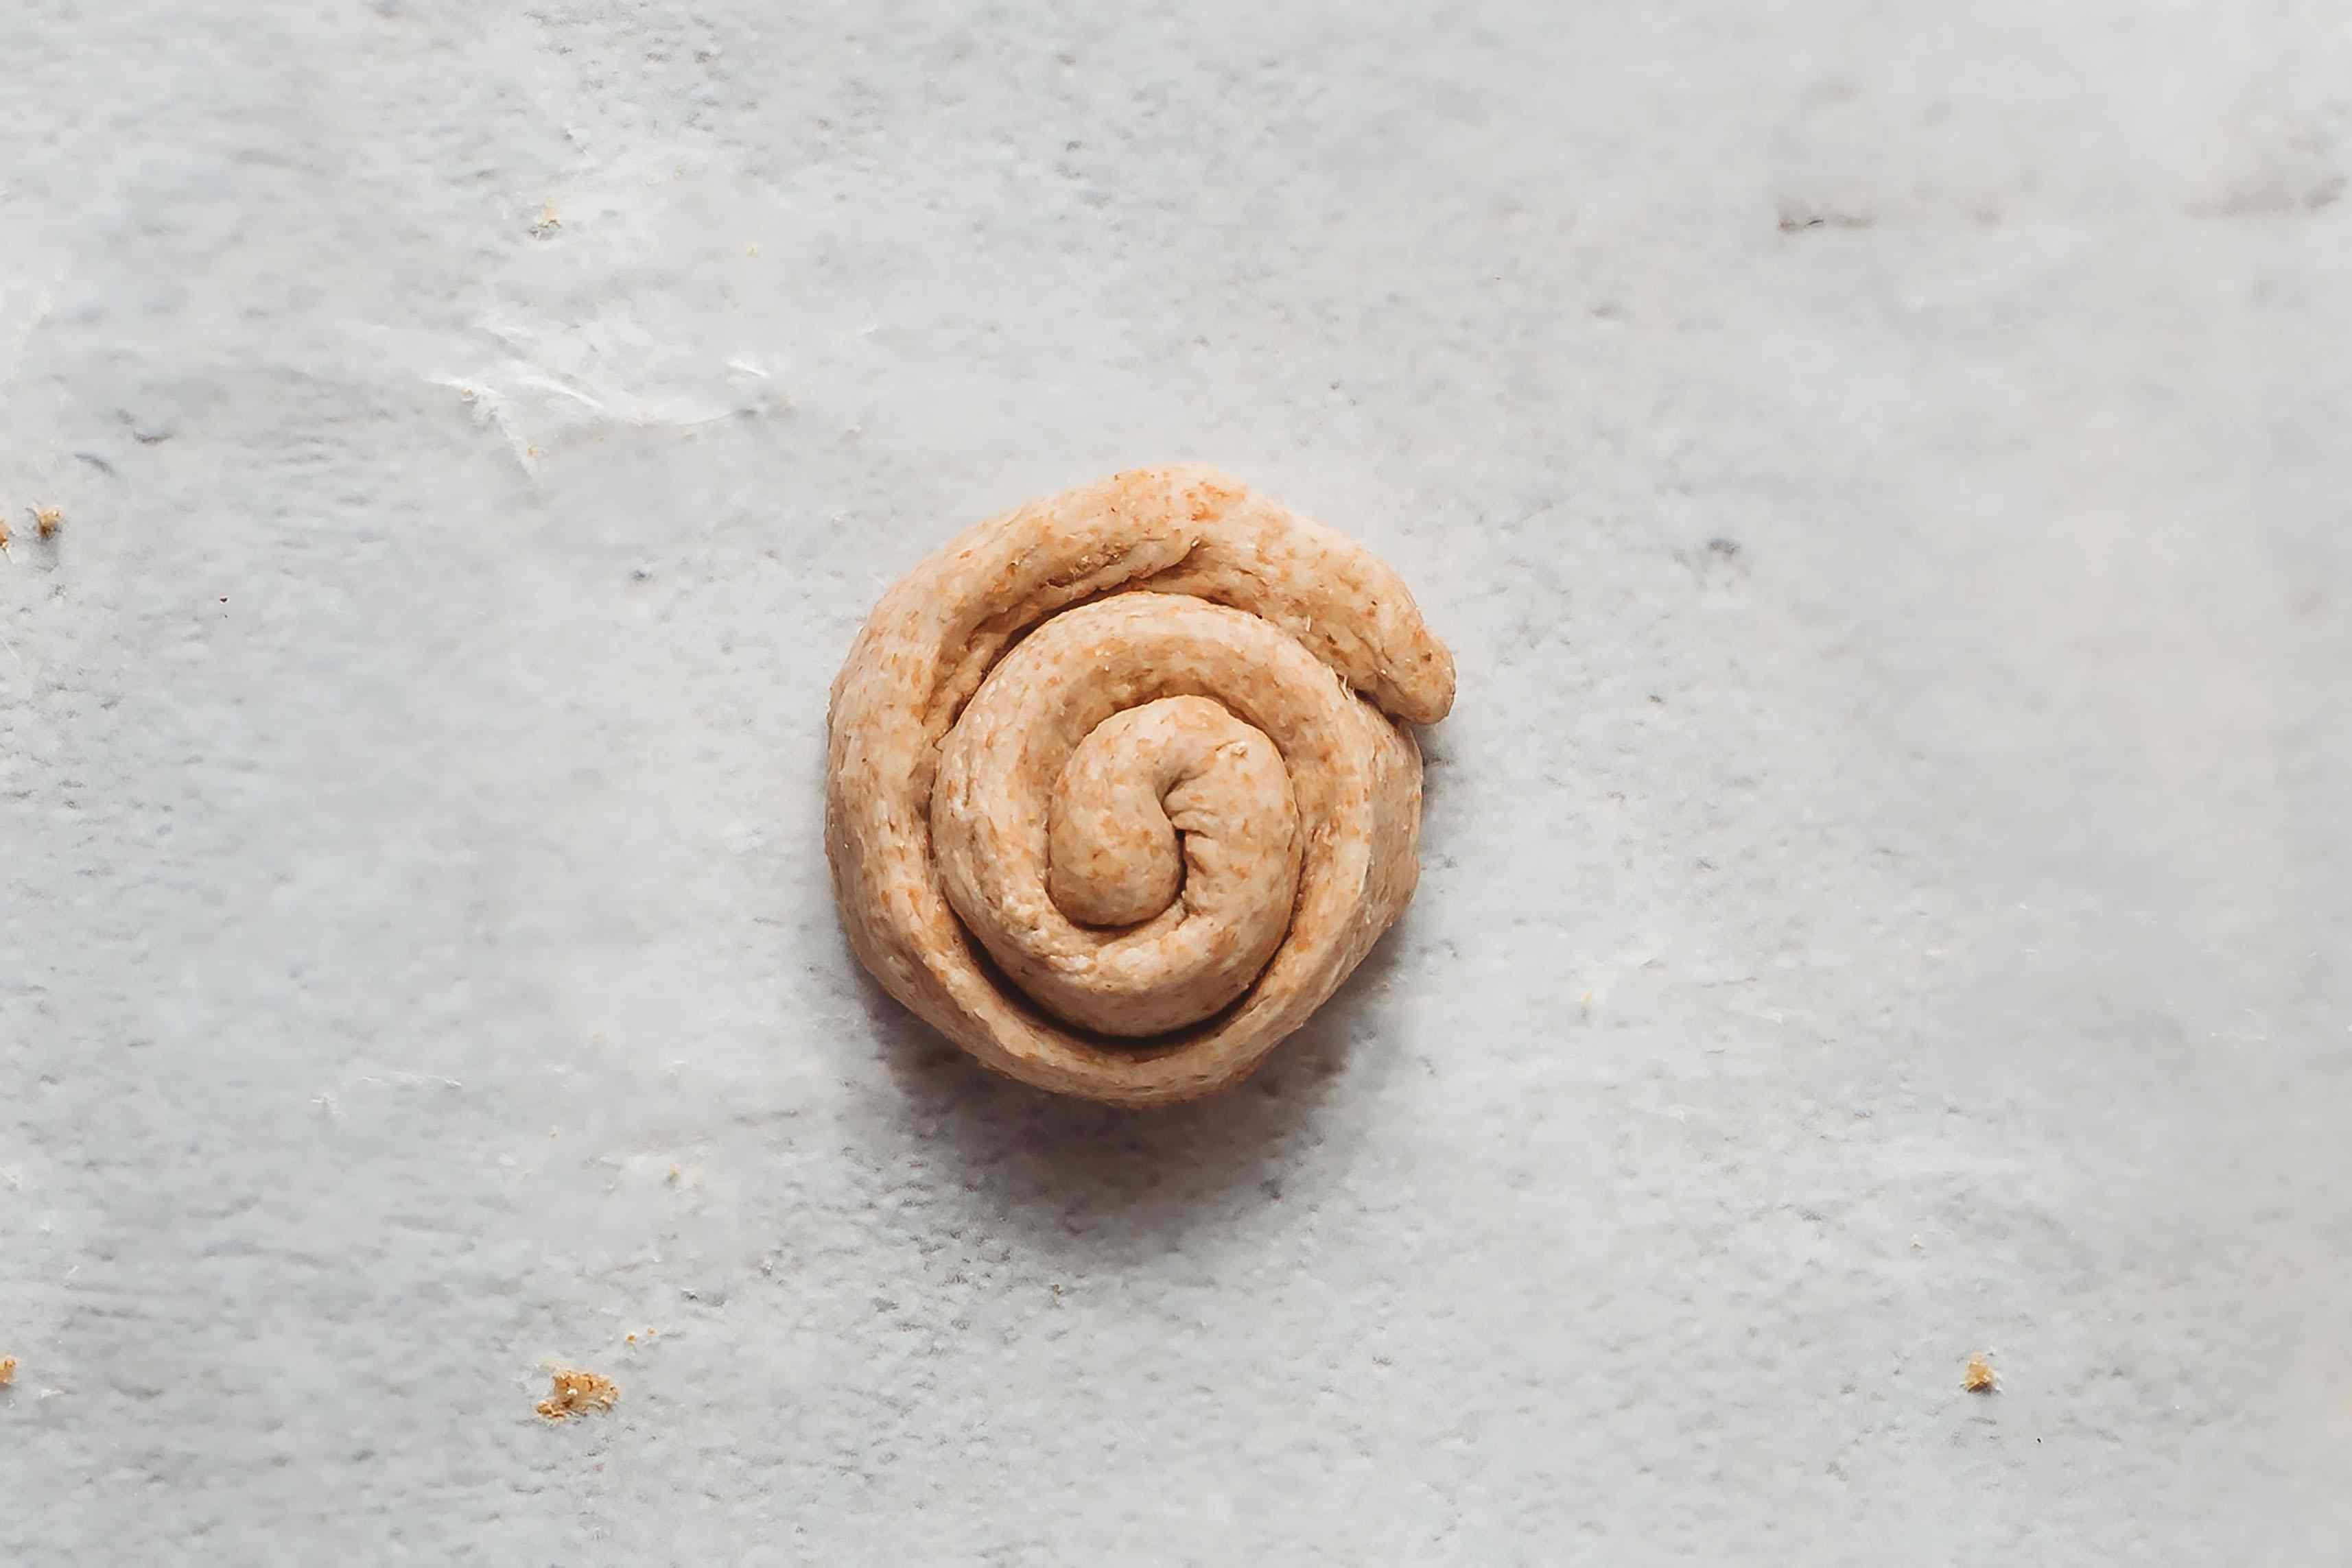 coil dough into a spiral